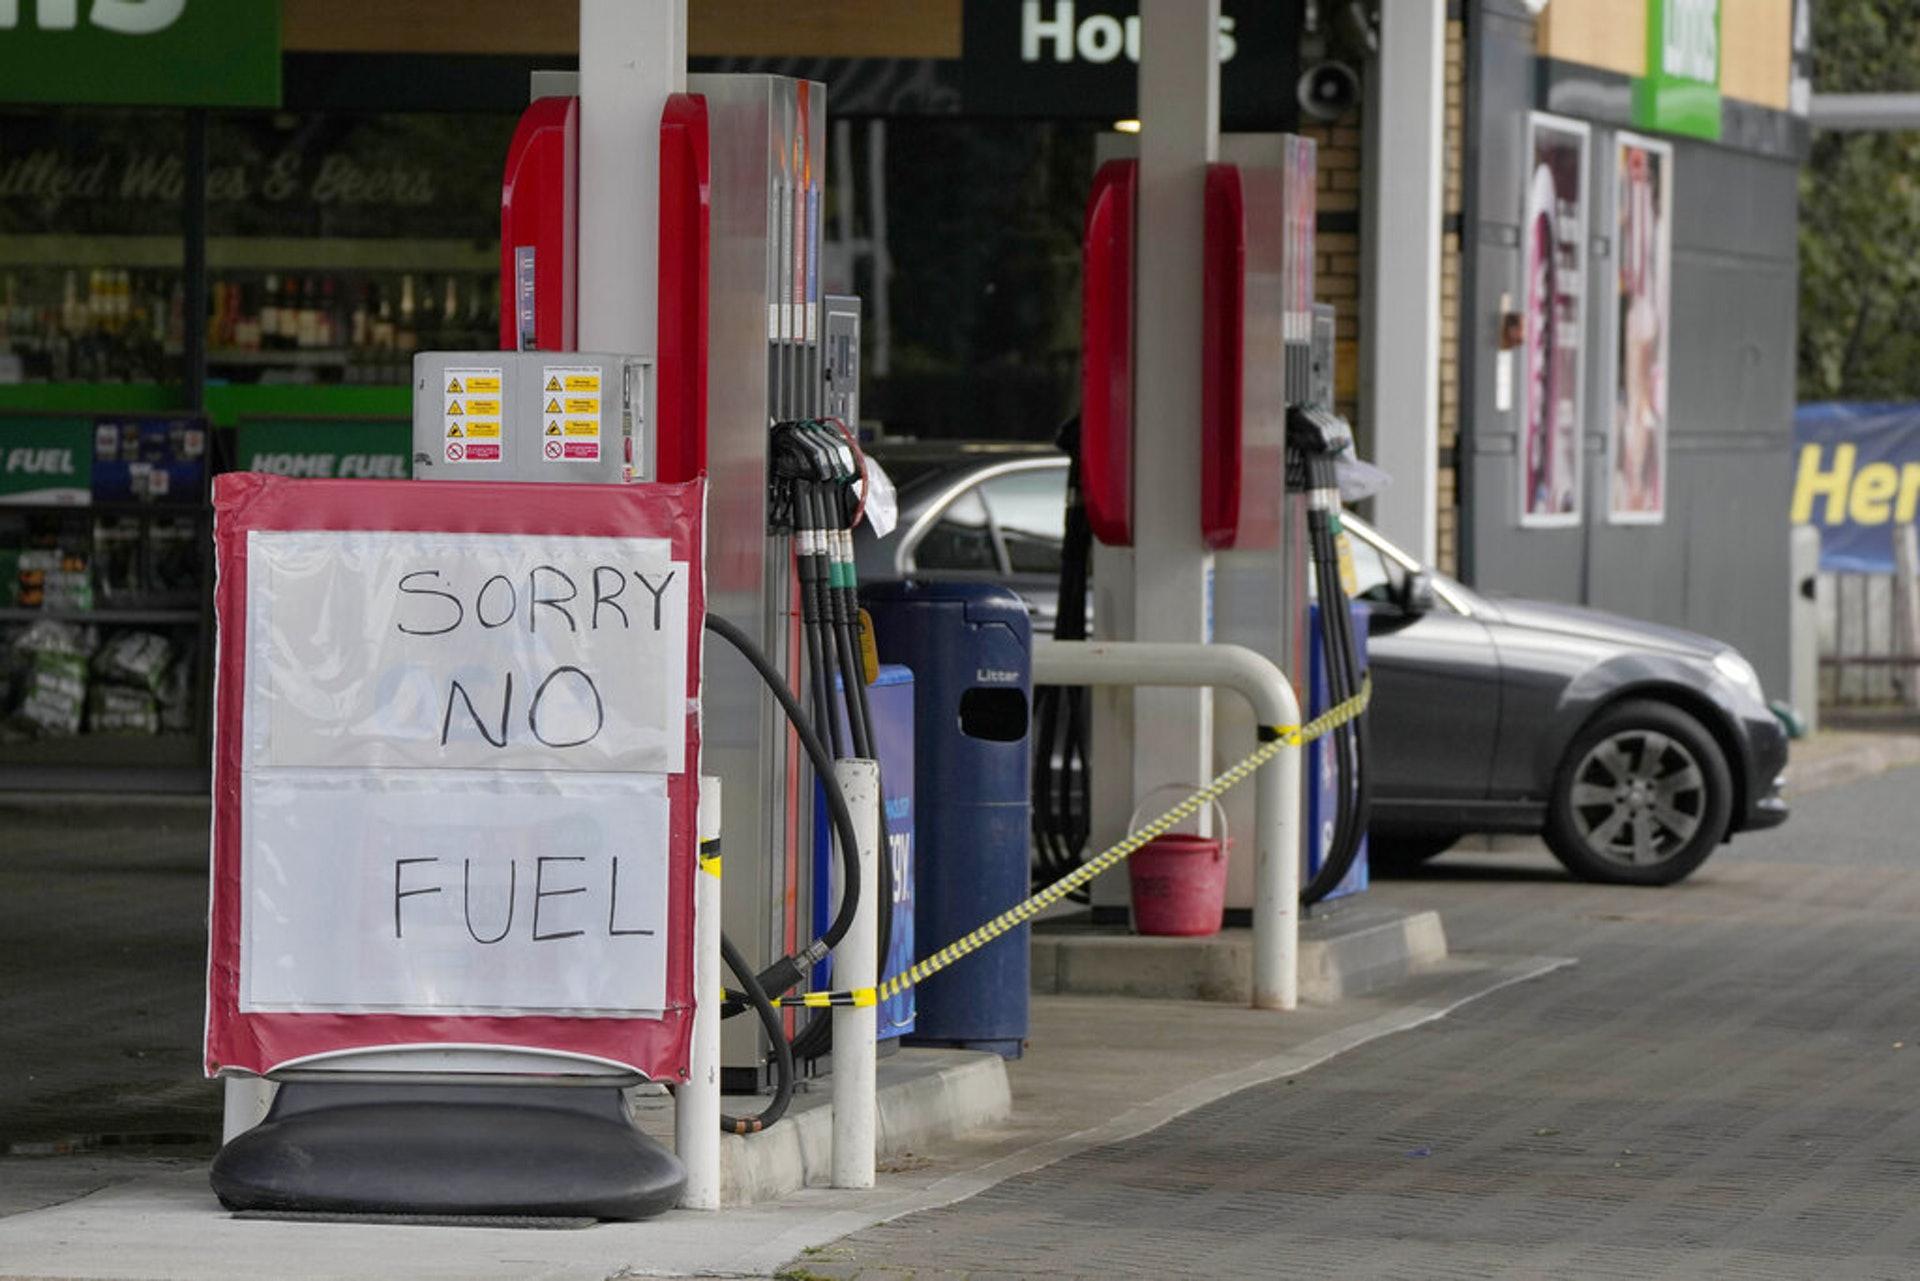 運油車司機同樣短缺,燃油供應同受影響。(AP)